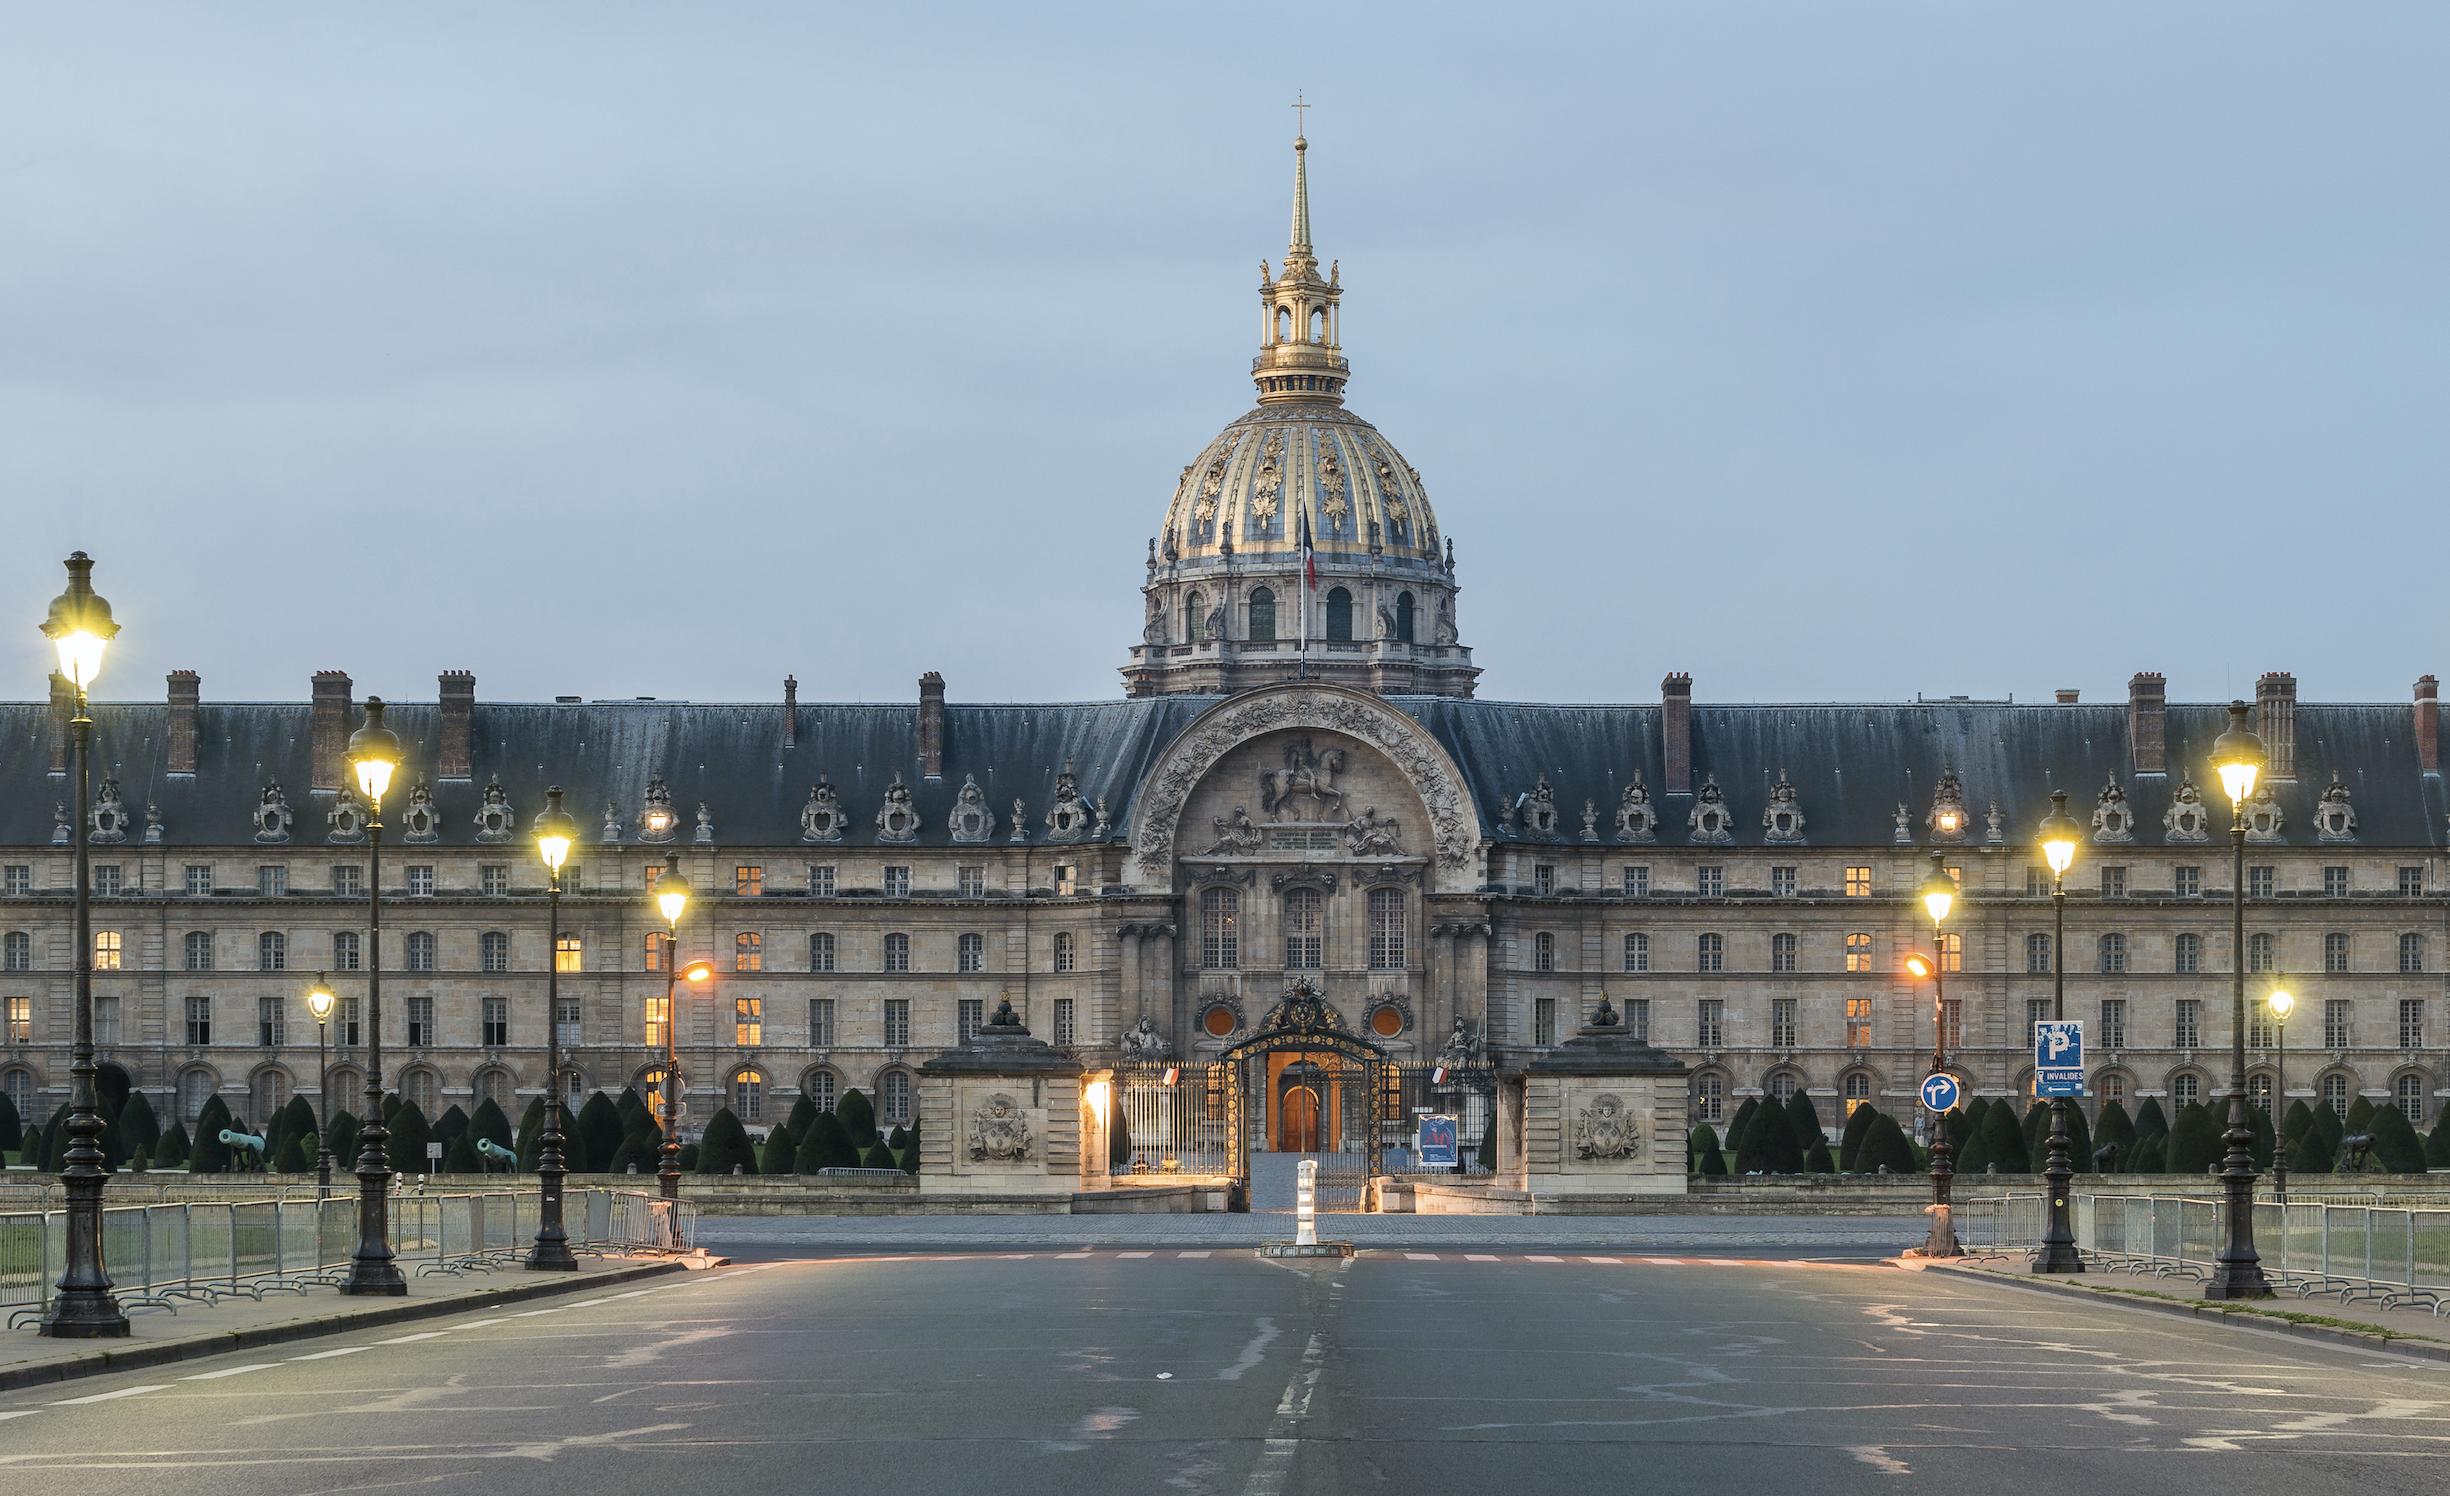 «Il m'a renversé une bouteille dessus» : un chauffeur VTC accusé d'agression homophobe à Paris